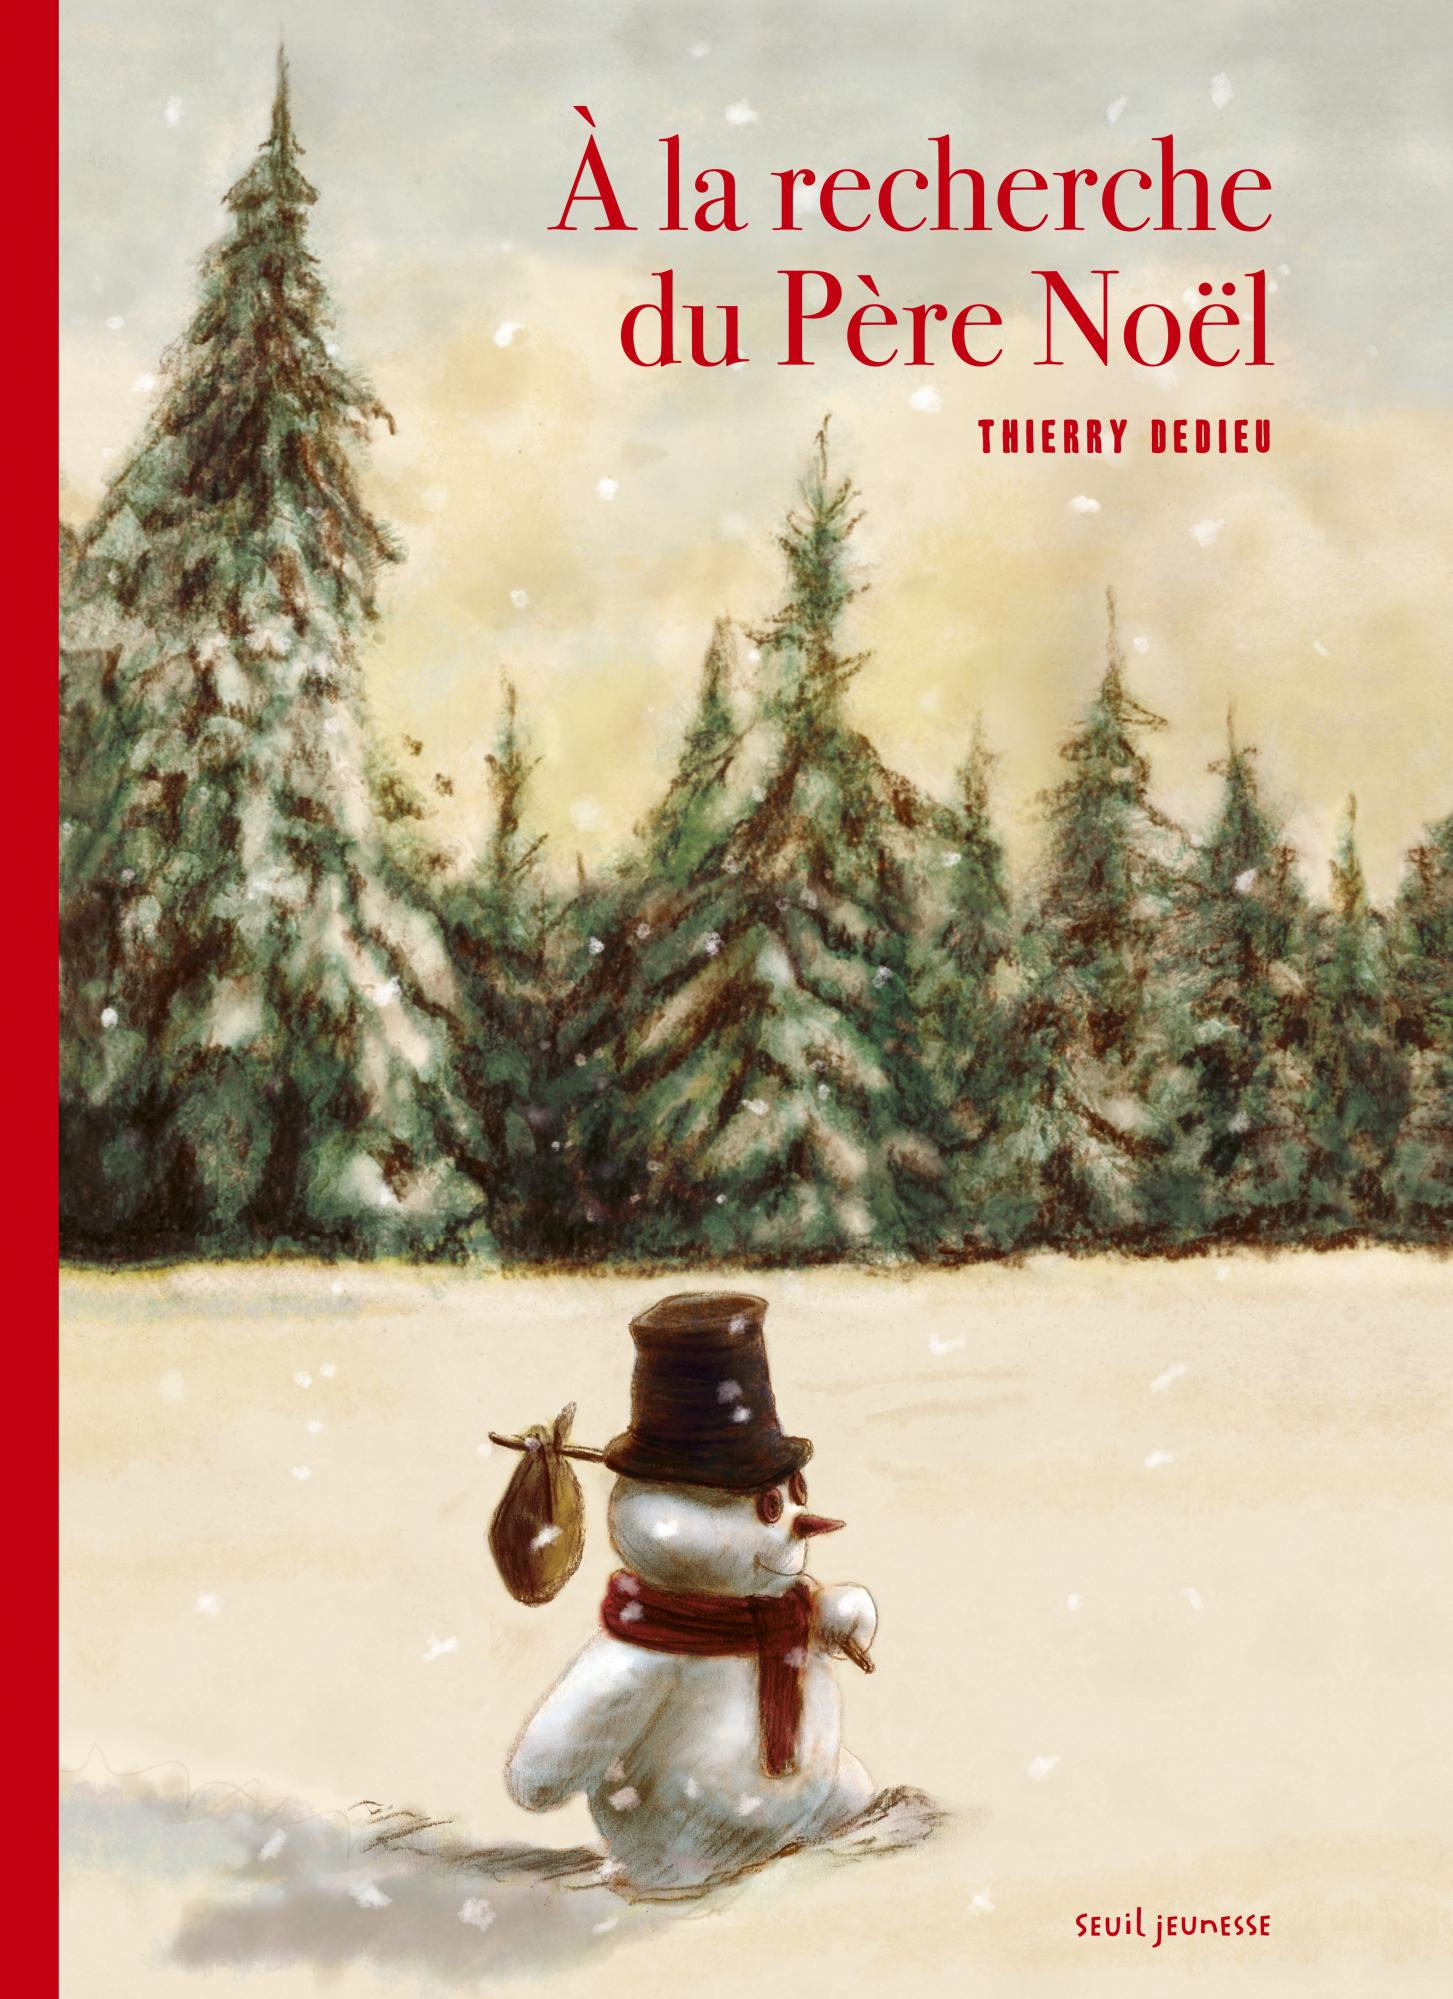 Les rencontres amoureuses dans la litterature francaise